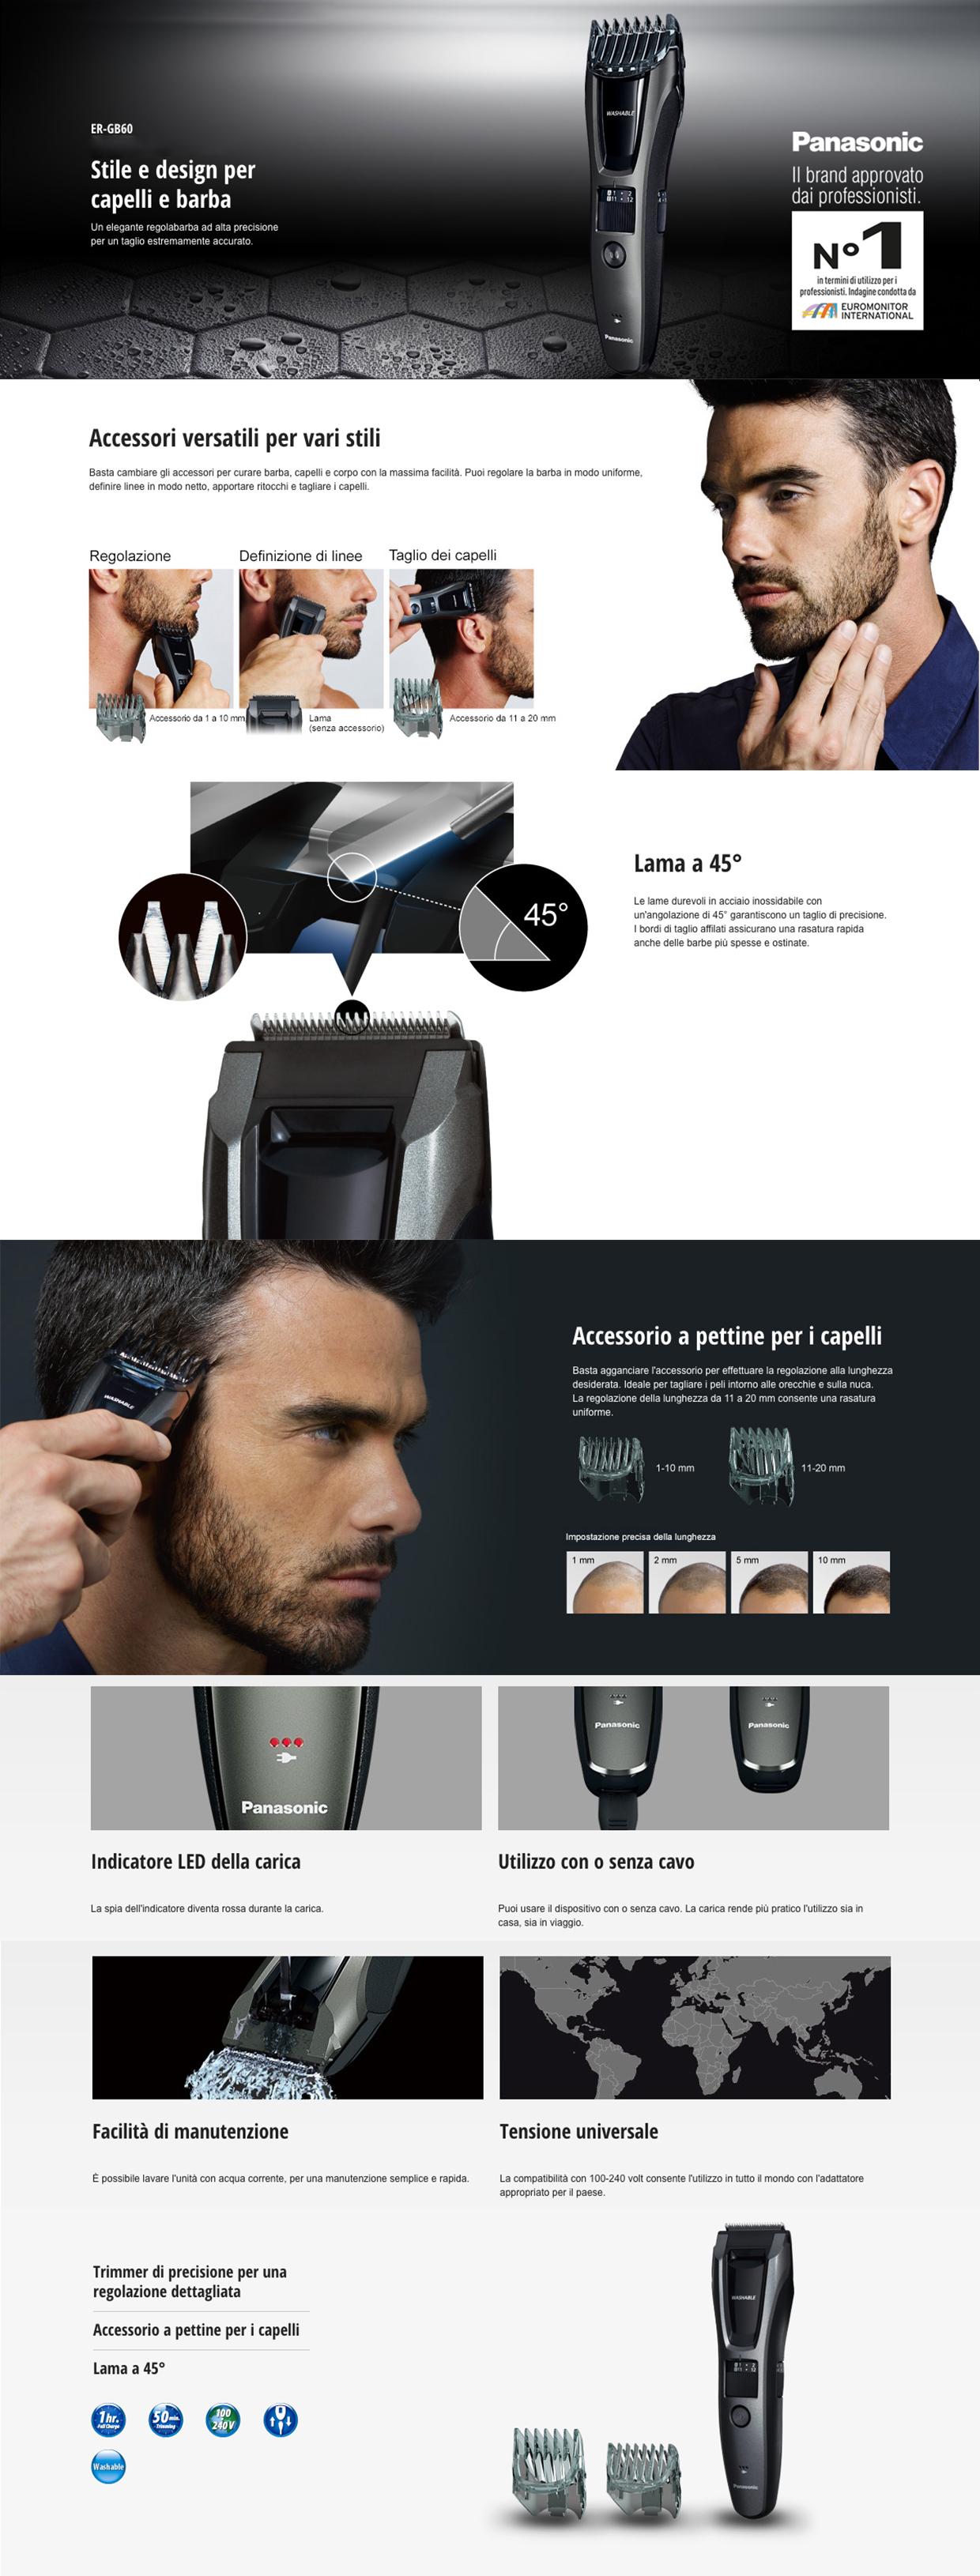 ER-GB60-Panasonic.jpg